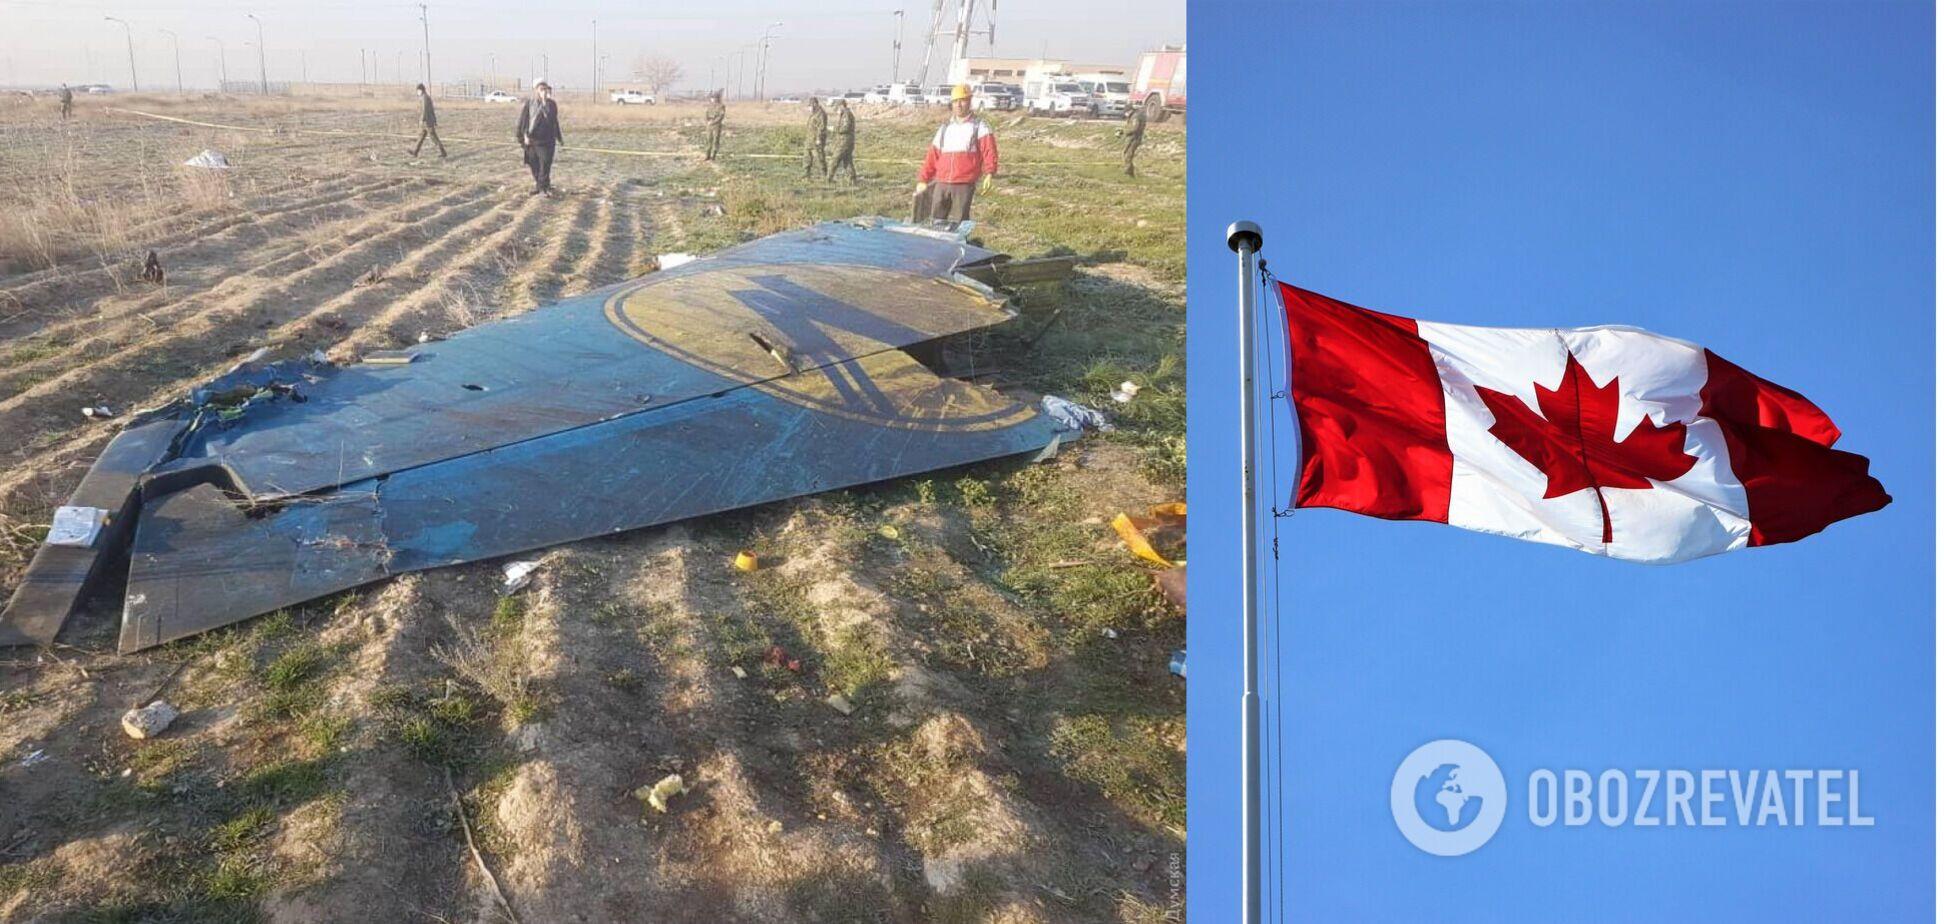 Збиття літака МАУ в Ірані було терористичним актом